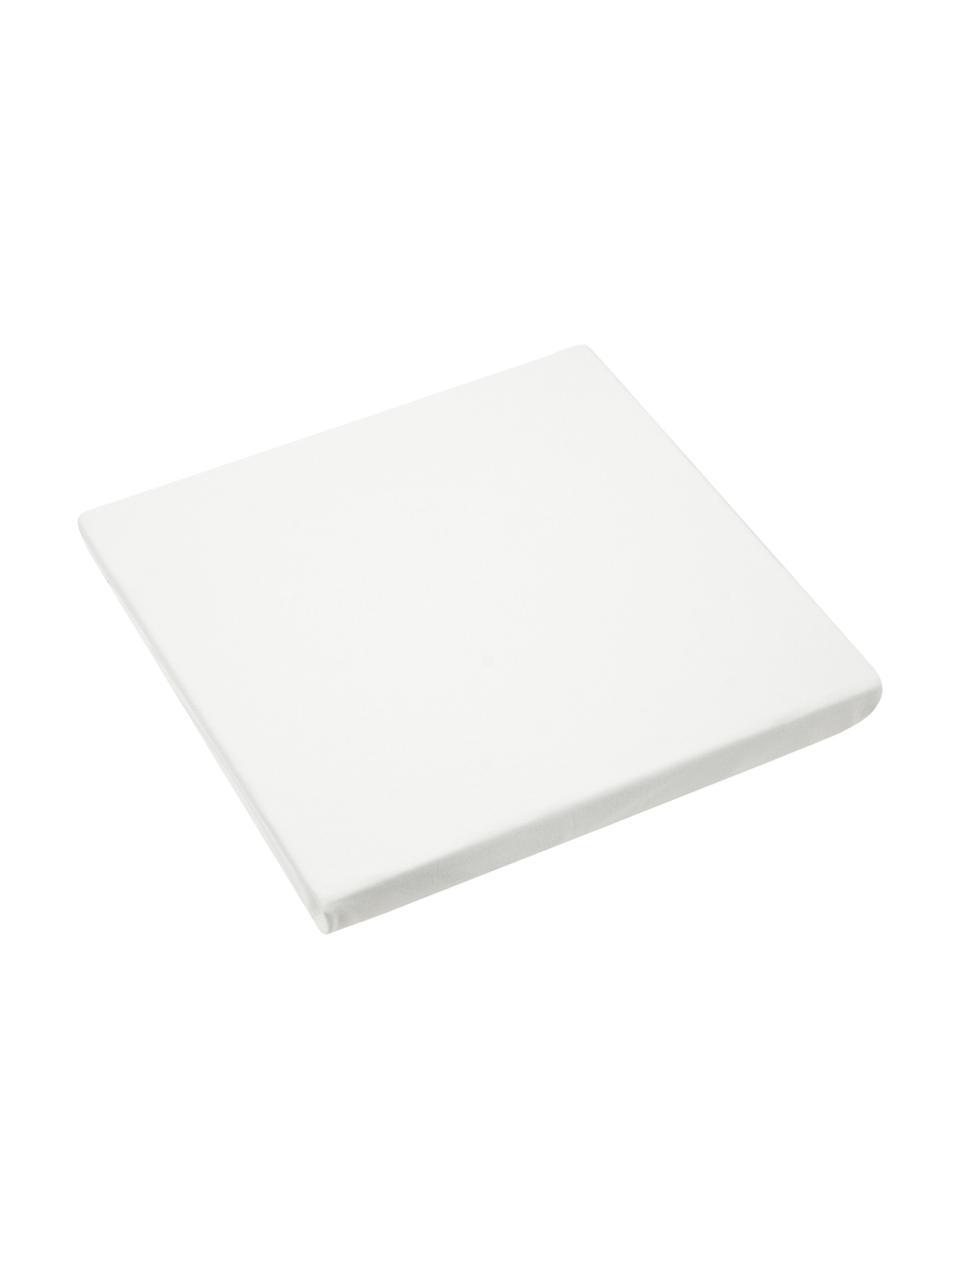 Lenzuolo con angoli in jersey-elastan color crema Lara, 95% cotone, 5% elastan, Color crema, Larg. 90-100 x Lung. 200 cm